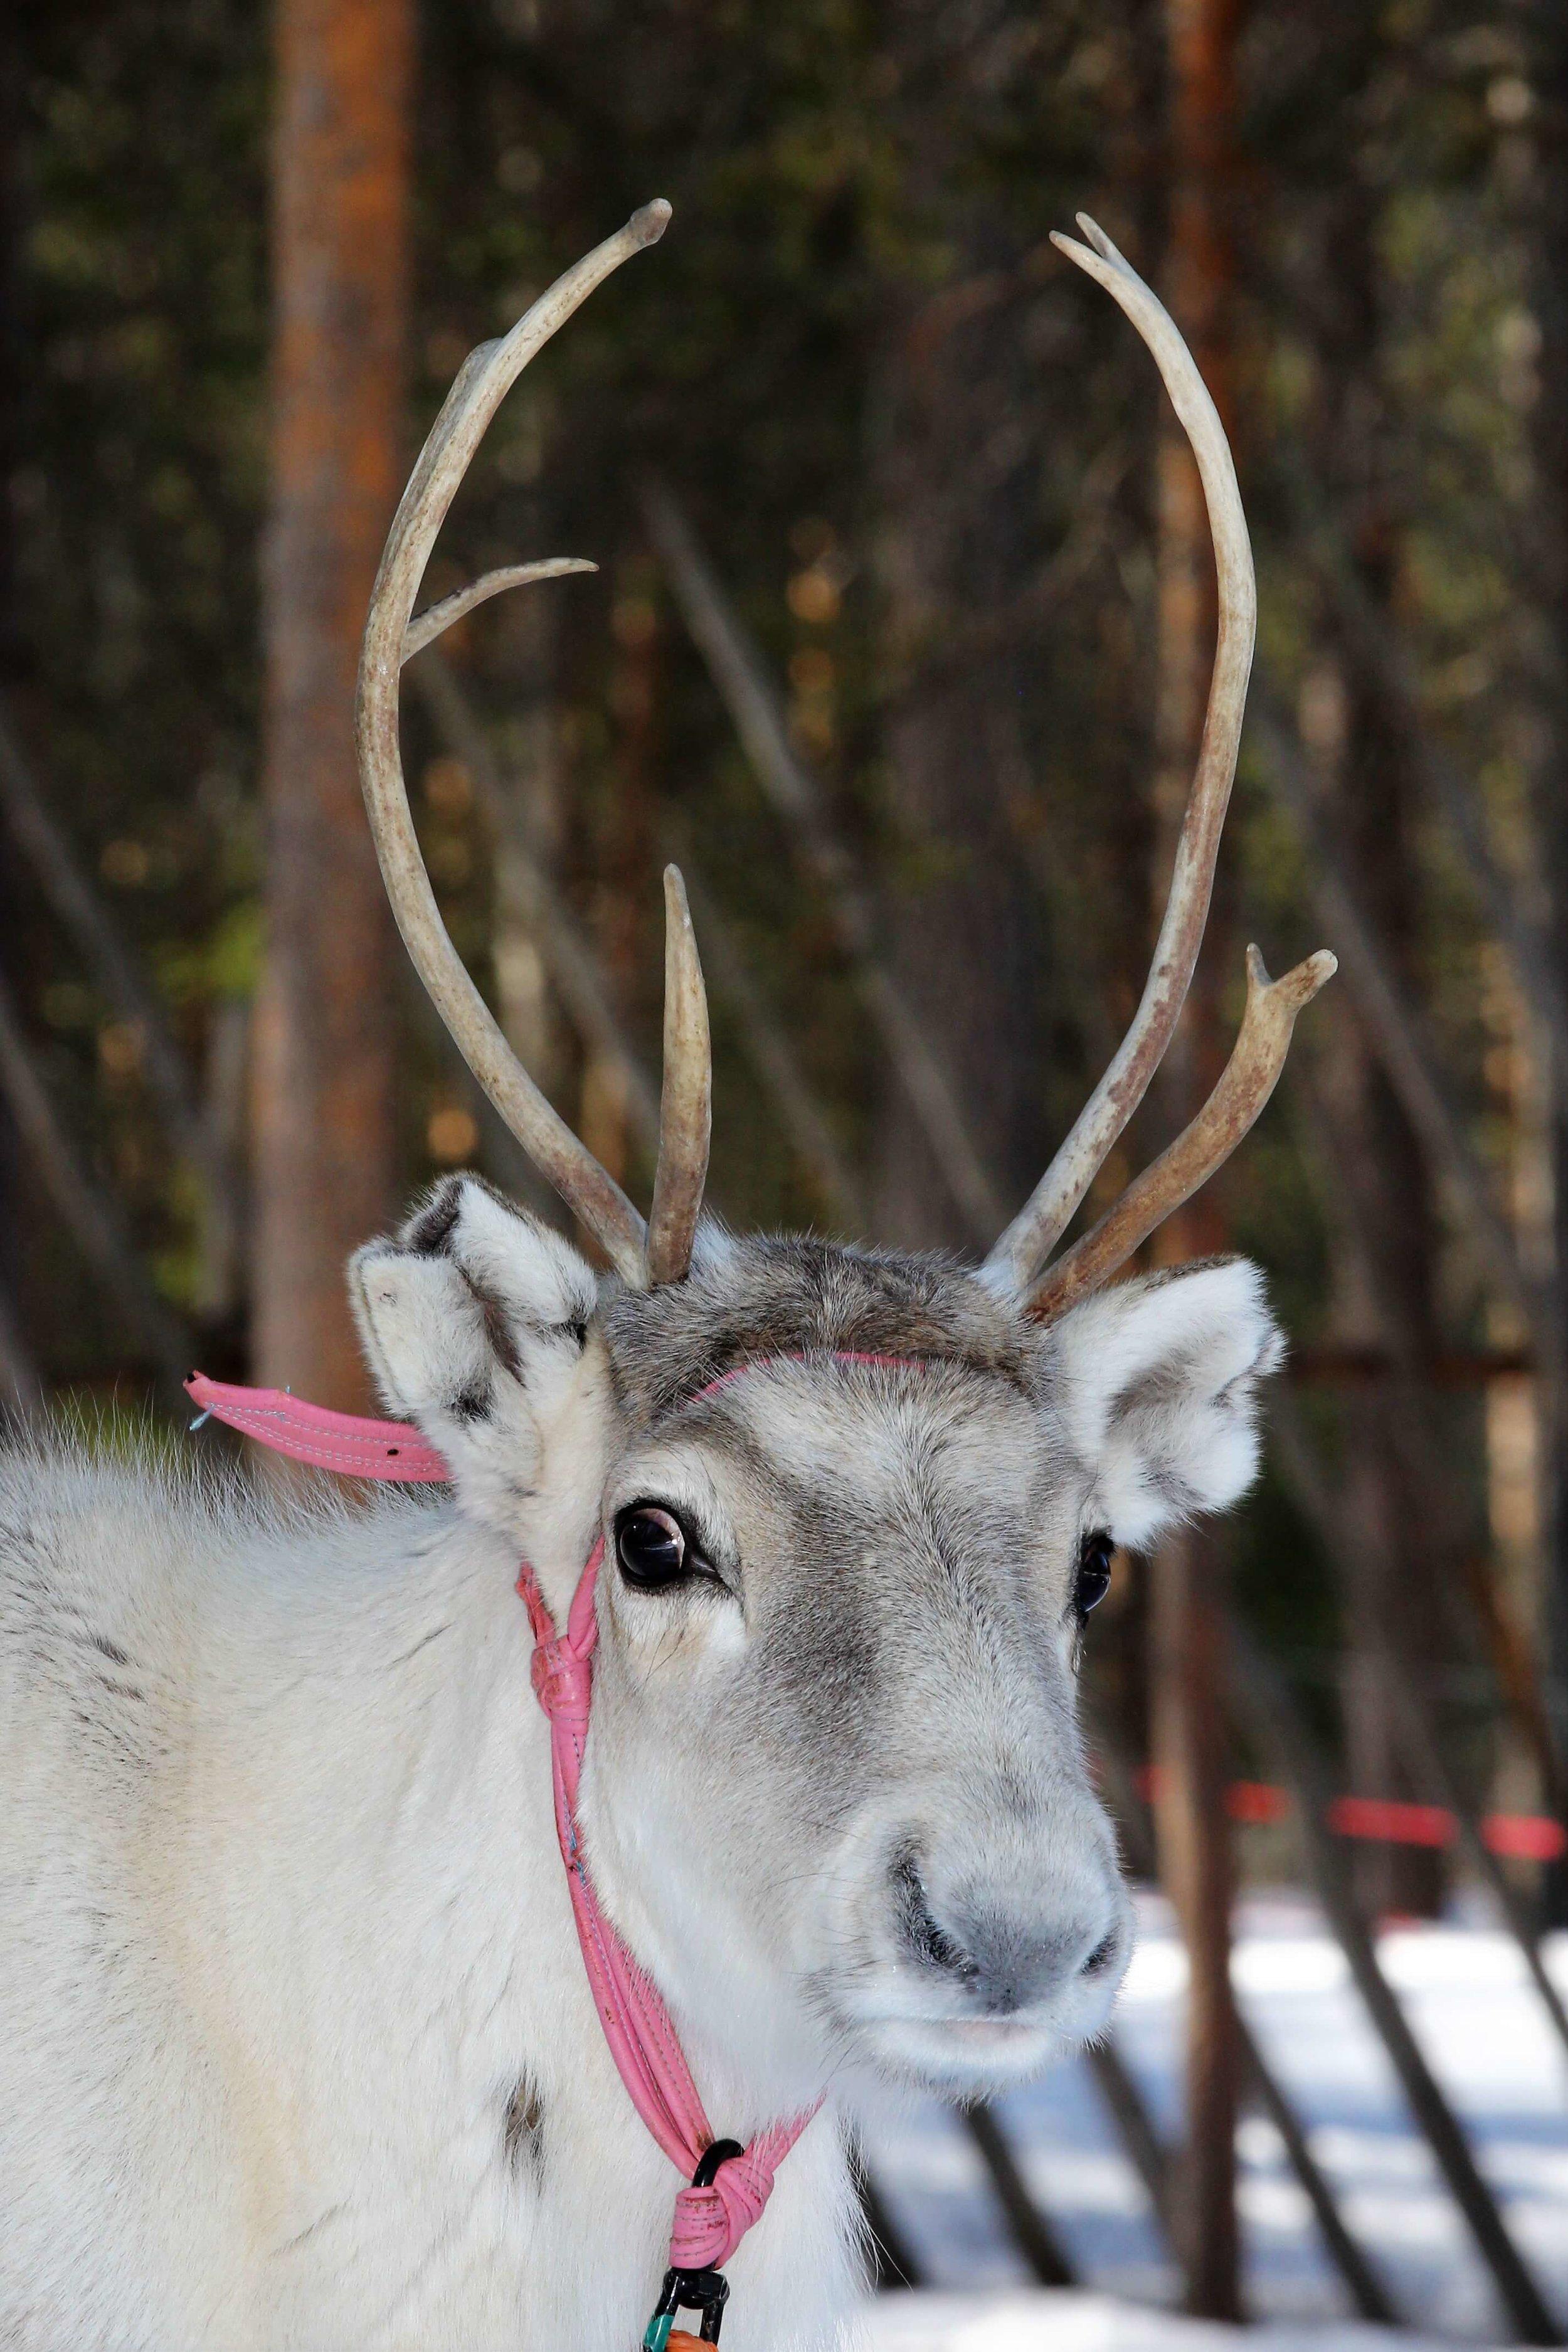 POROKELLO PICS (PEKKA KUSTULA) - 26 imagesPlease always mention the photographer Porokello / Pekka Kustula